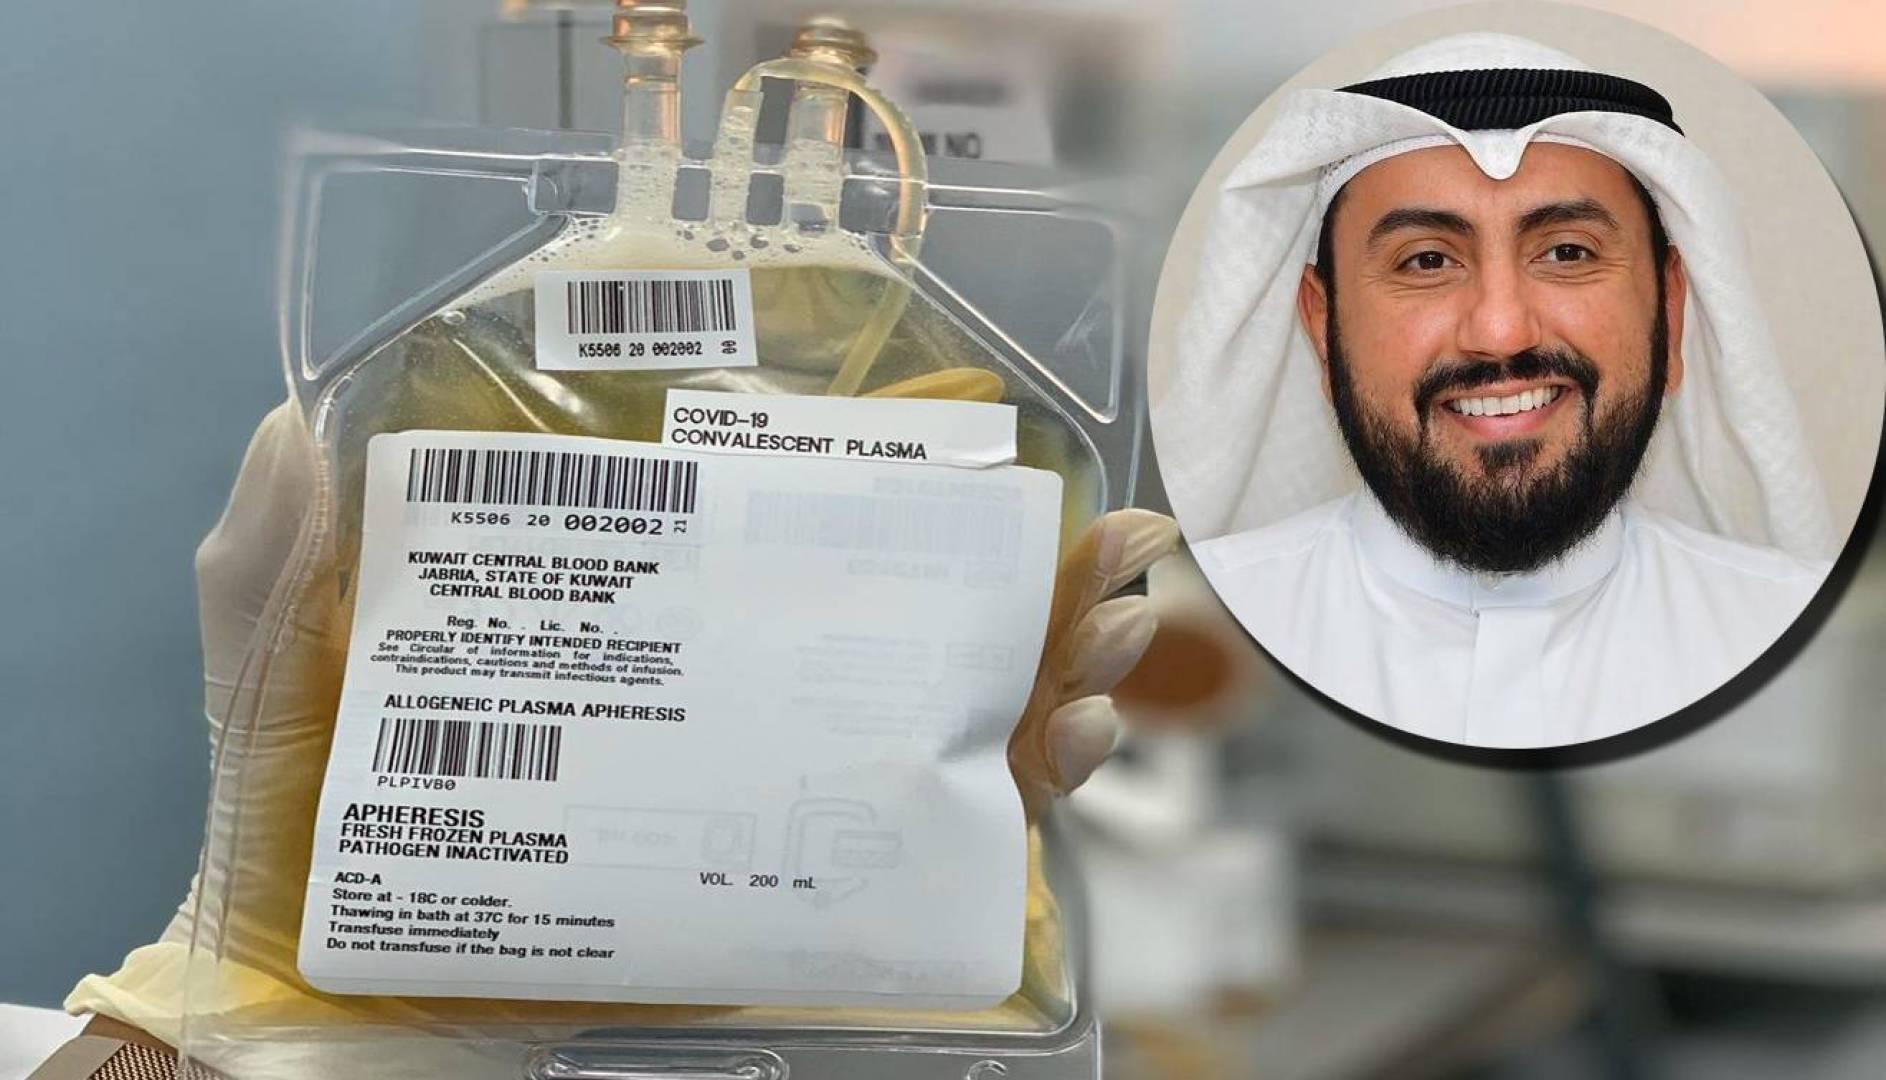 بشرى سارة.. وزير الصحة: ثبت طبياً إيجابية علاج نقل دم المتعافين من «كورونا».. إلى المرضى